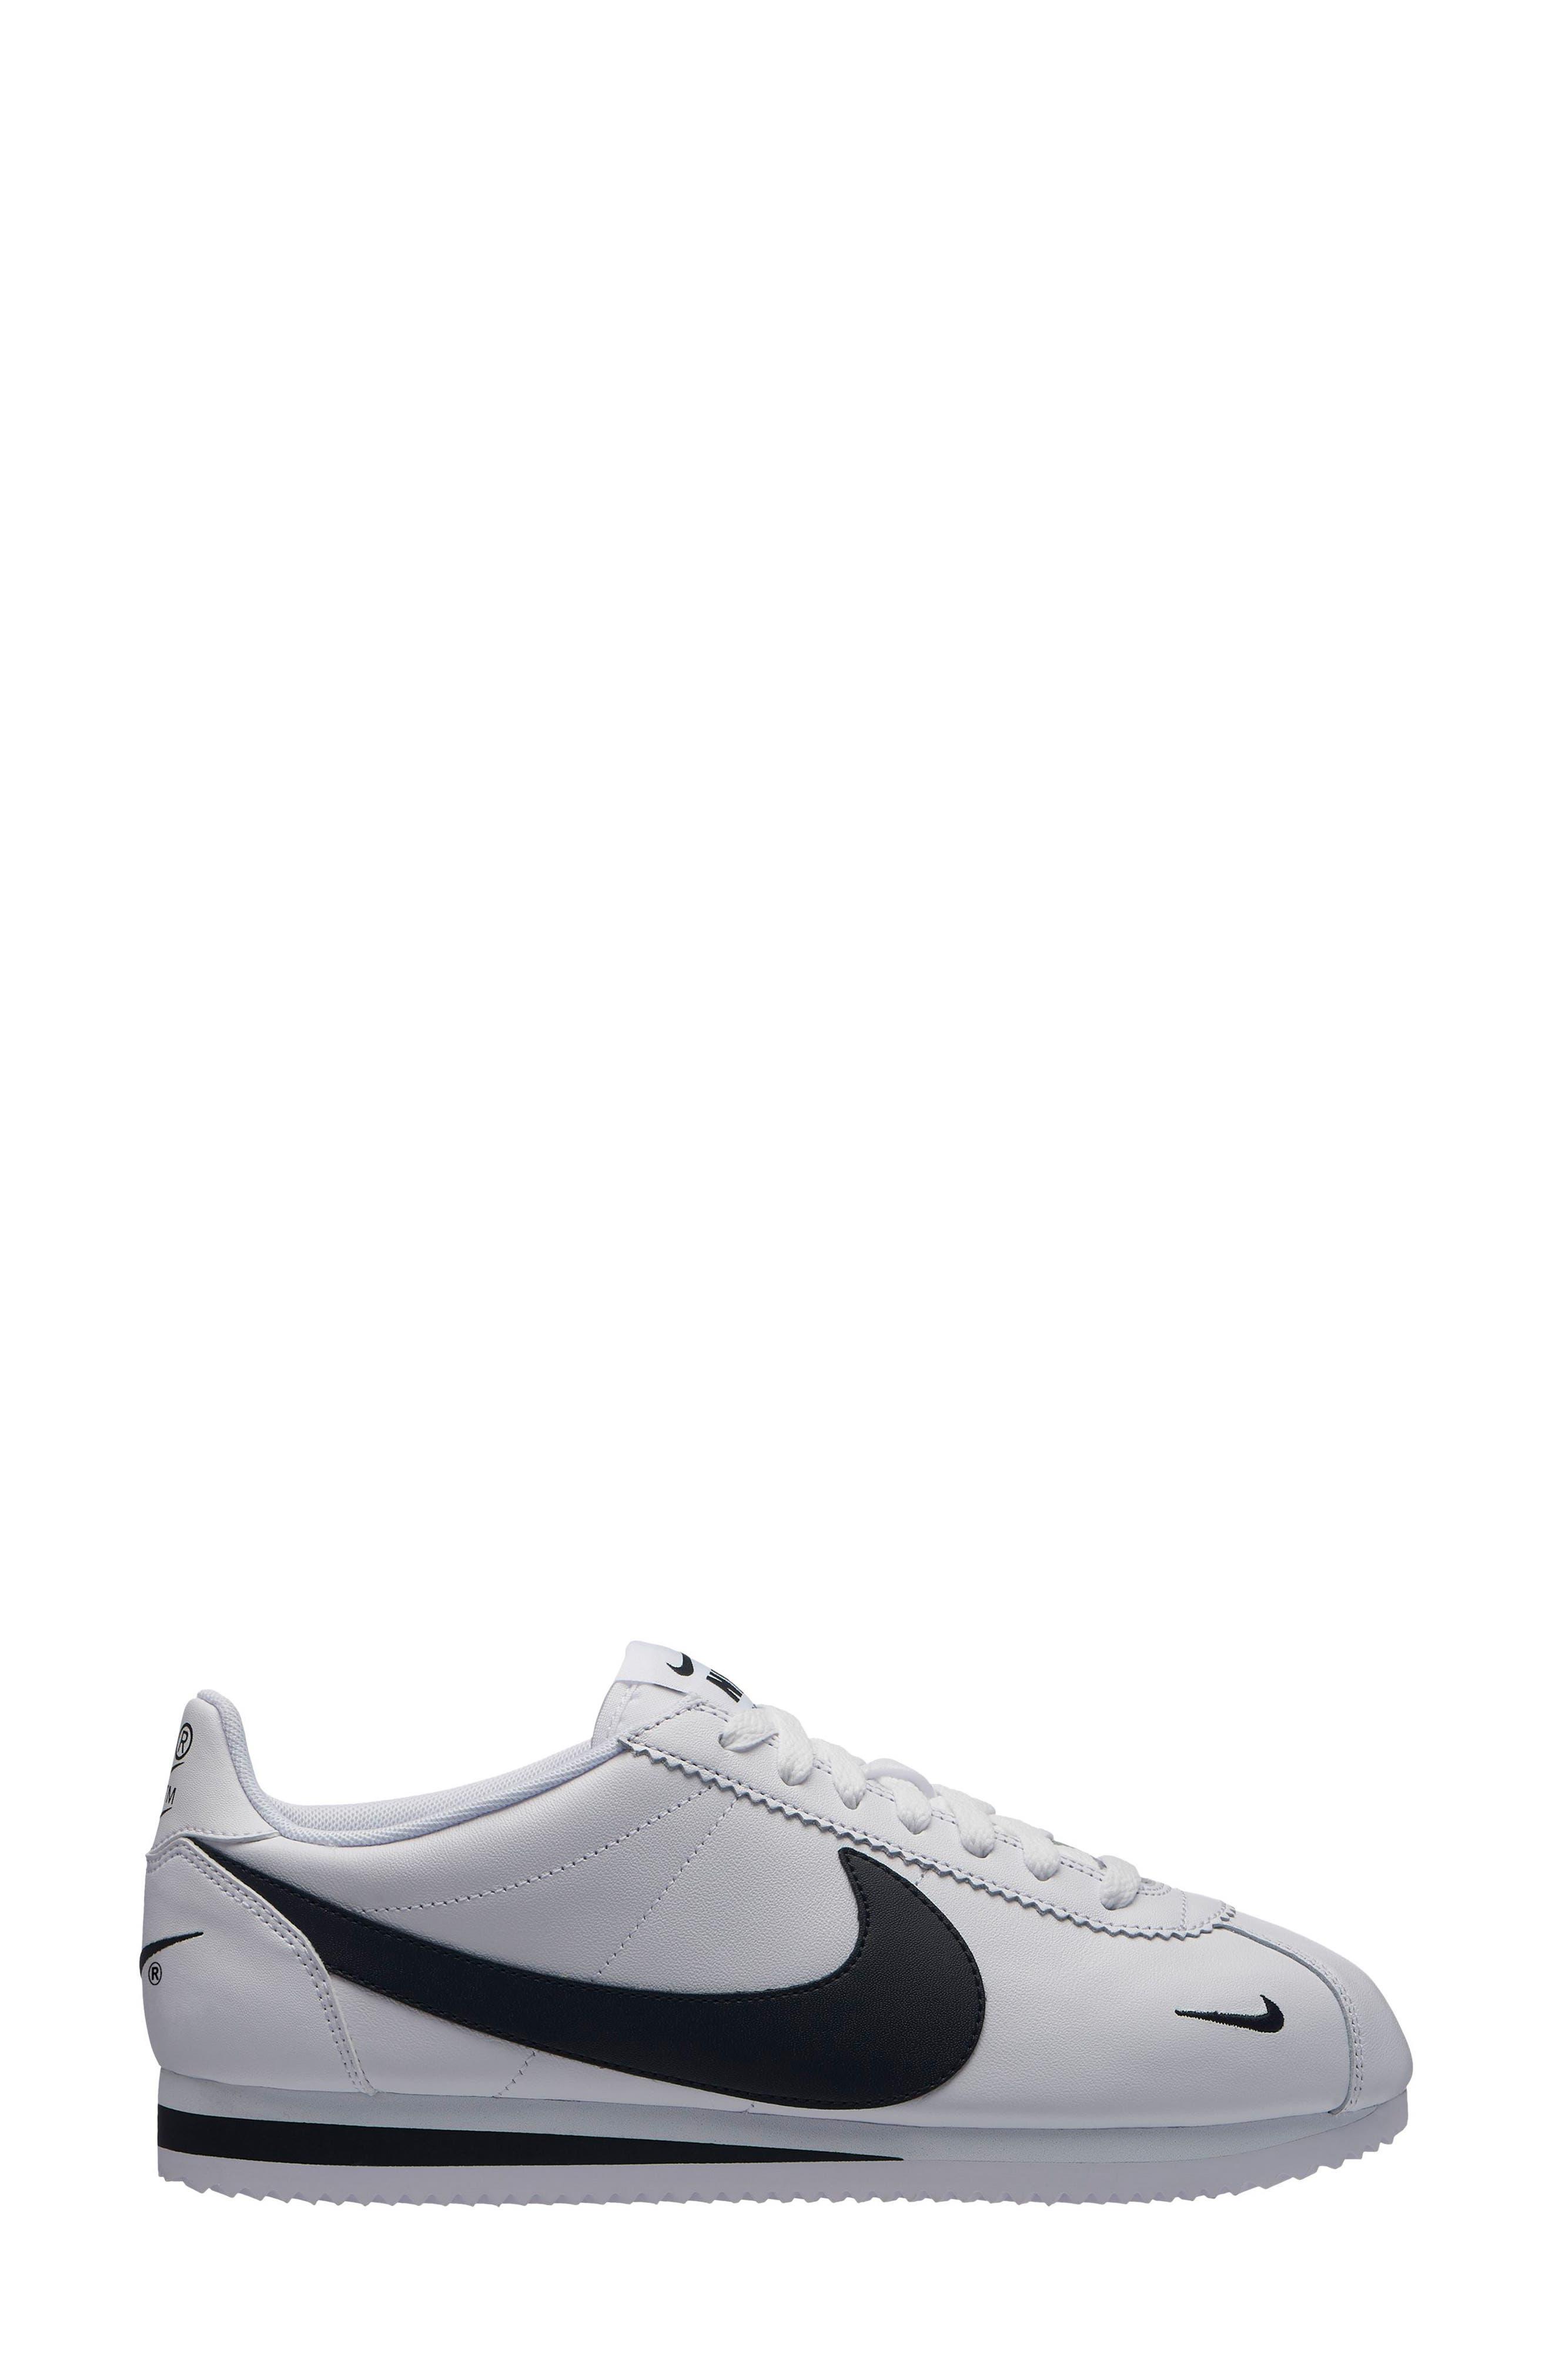 Classic Cortez Premium Sneaker in White/ Black